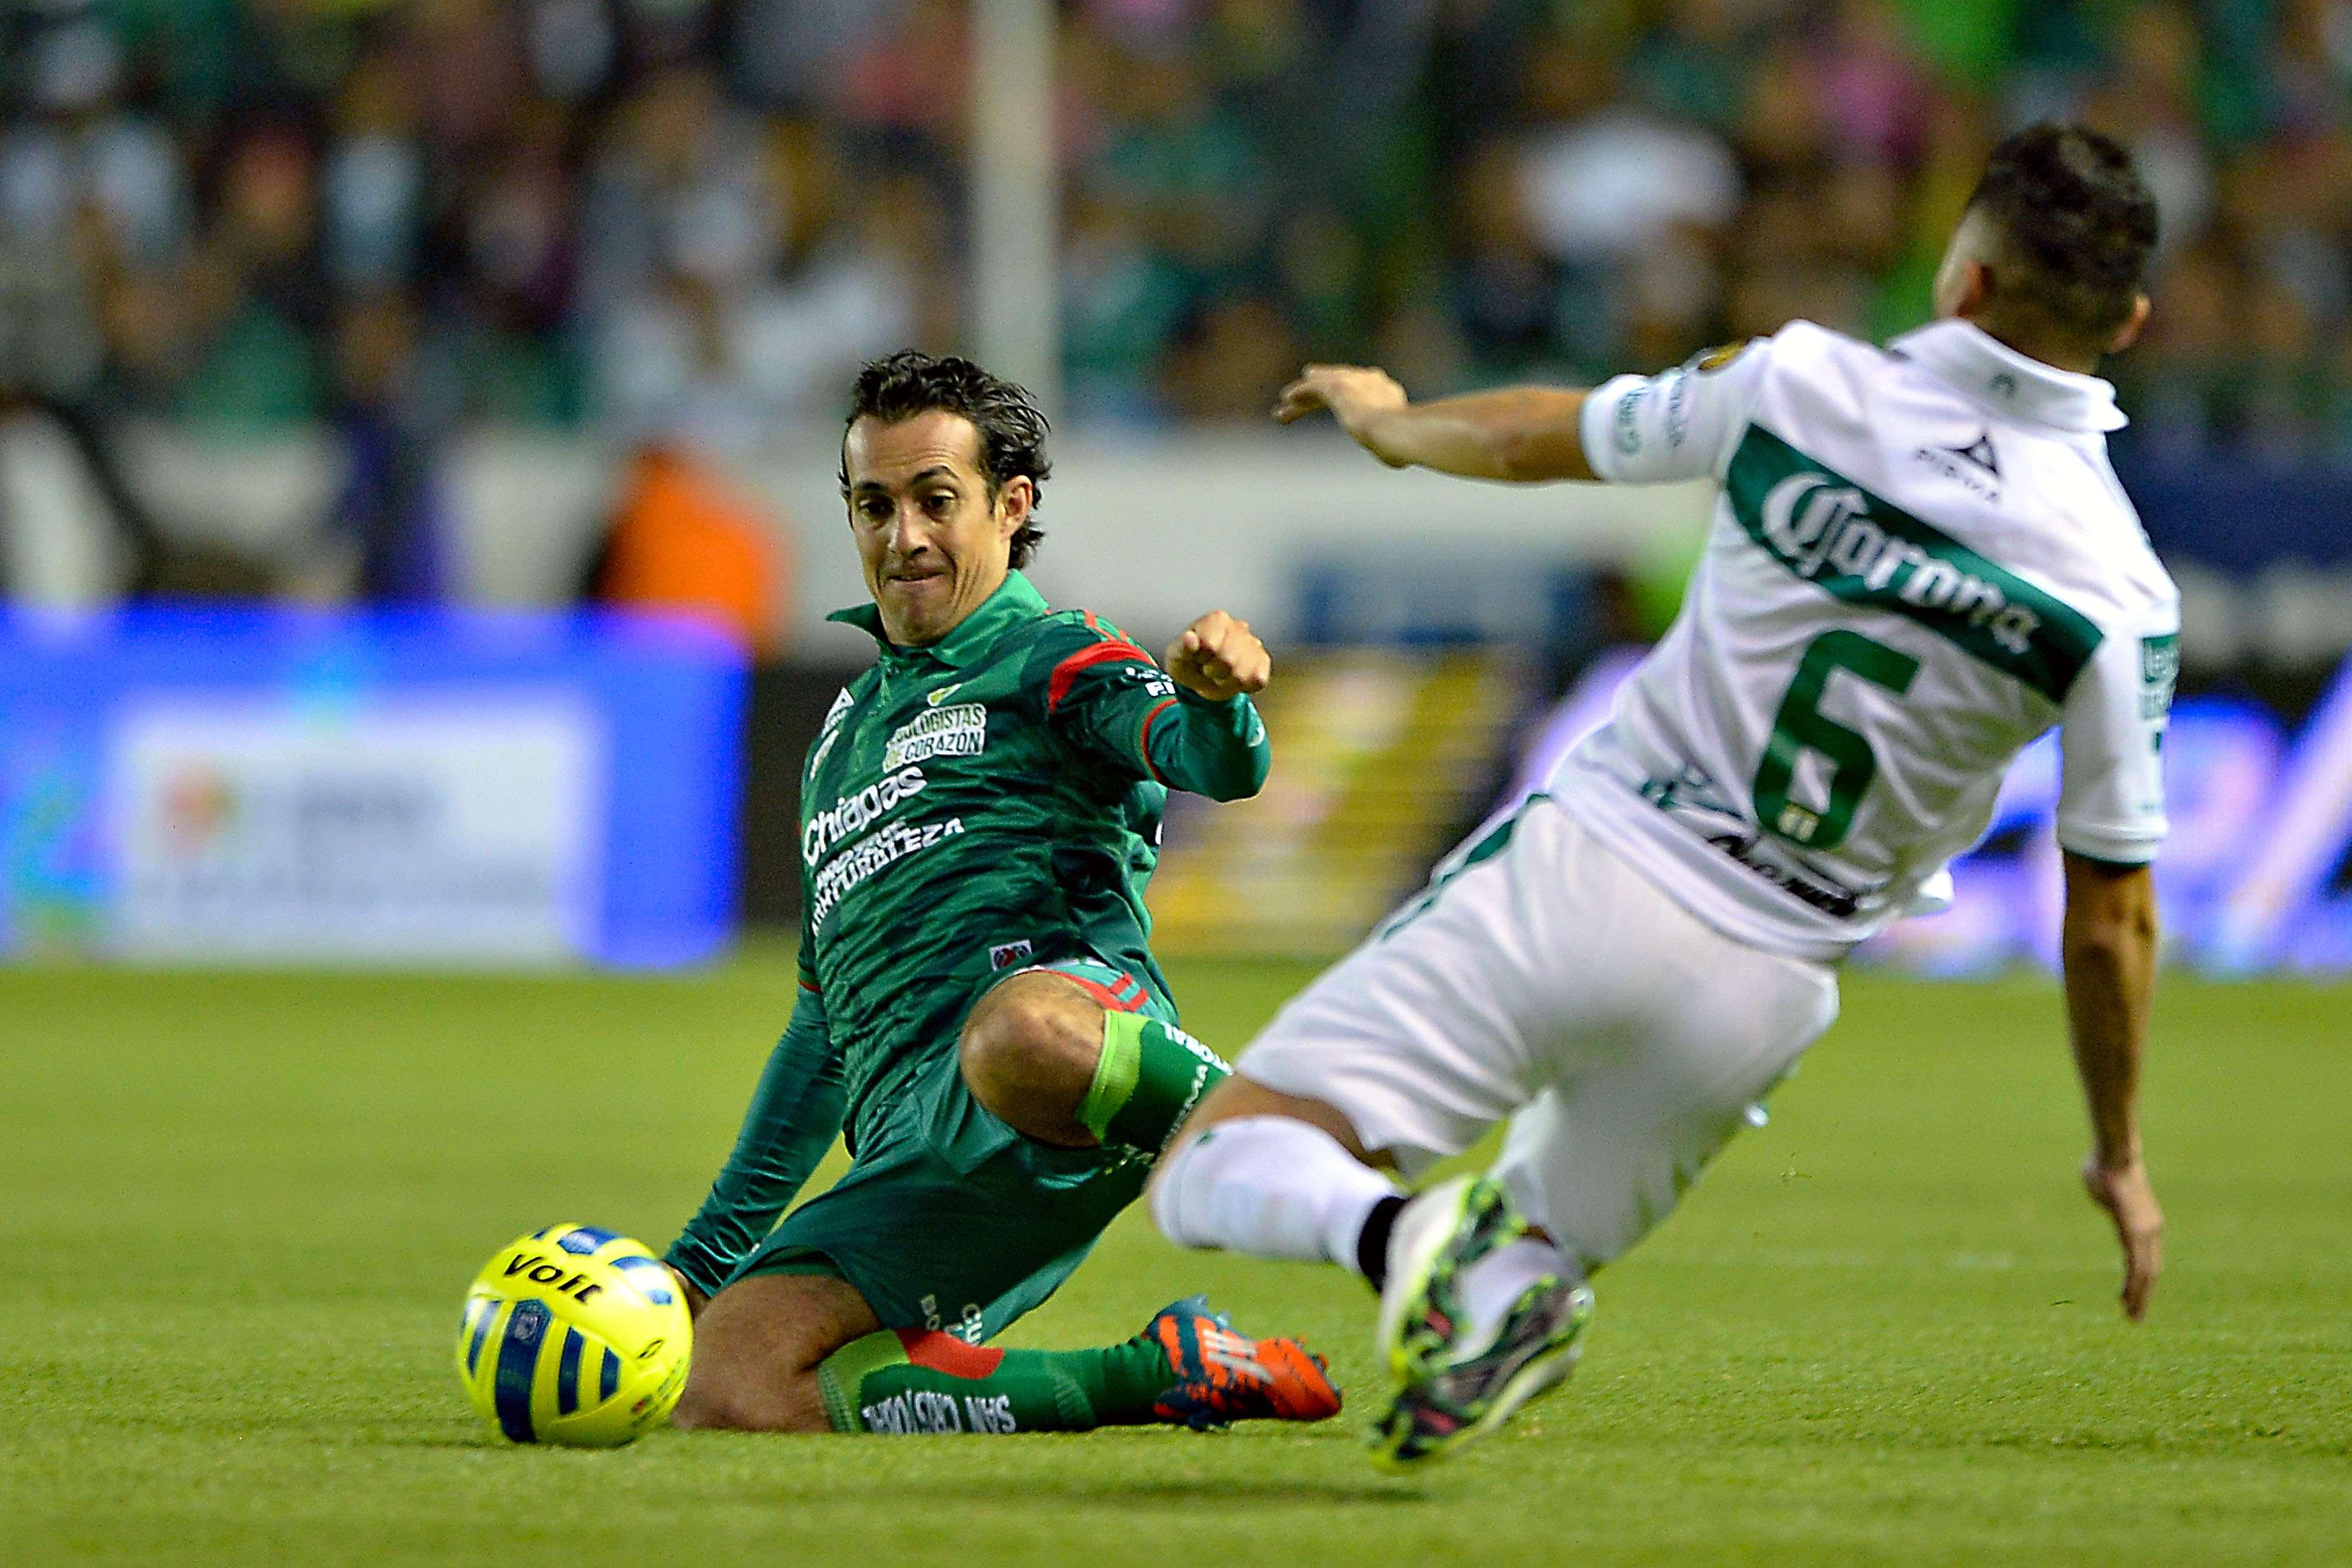 """León y Jaguares de Chiapas igualaron 1-1 en el Nou Camp en juego de la Jornada 4 de la Liga MX. Mauro Boselli adelantó a los Panzas Verdes"""" con un penalti, pero Avilés Hurtado puso cifras definitivas en el marcador. Foto: Mexsport"""